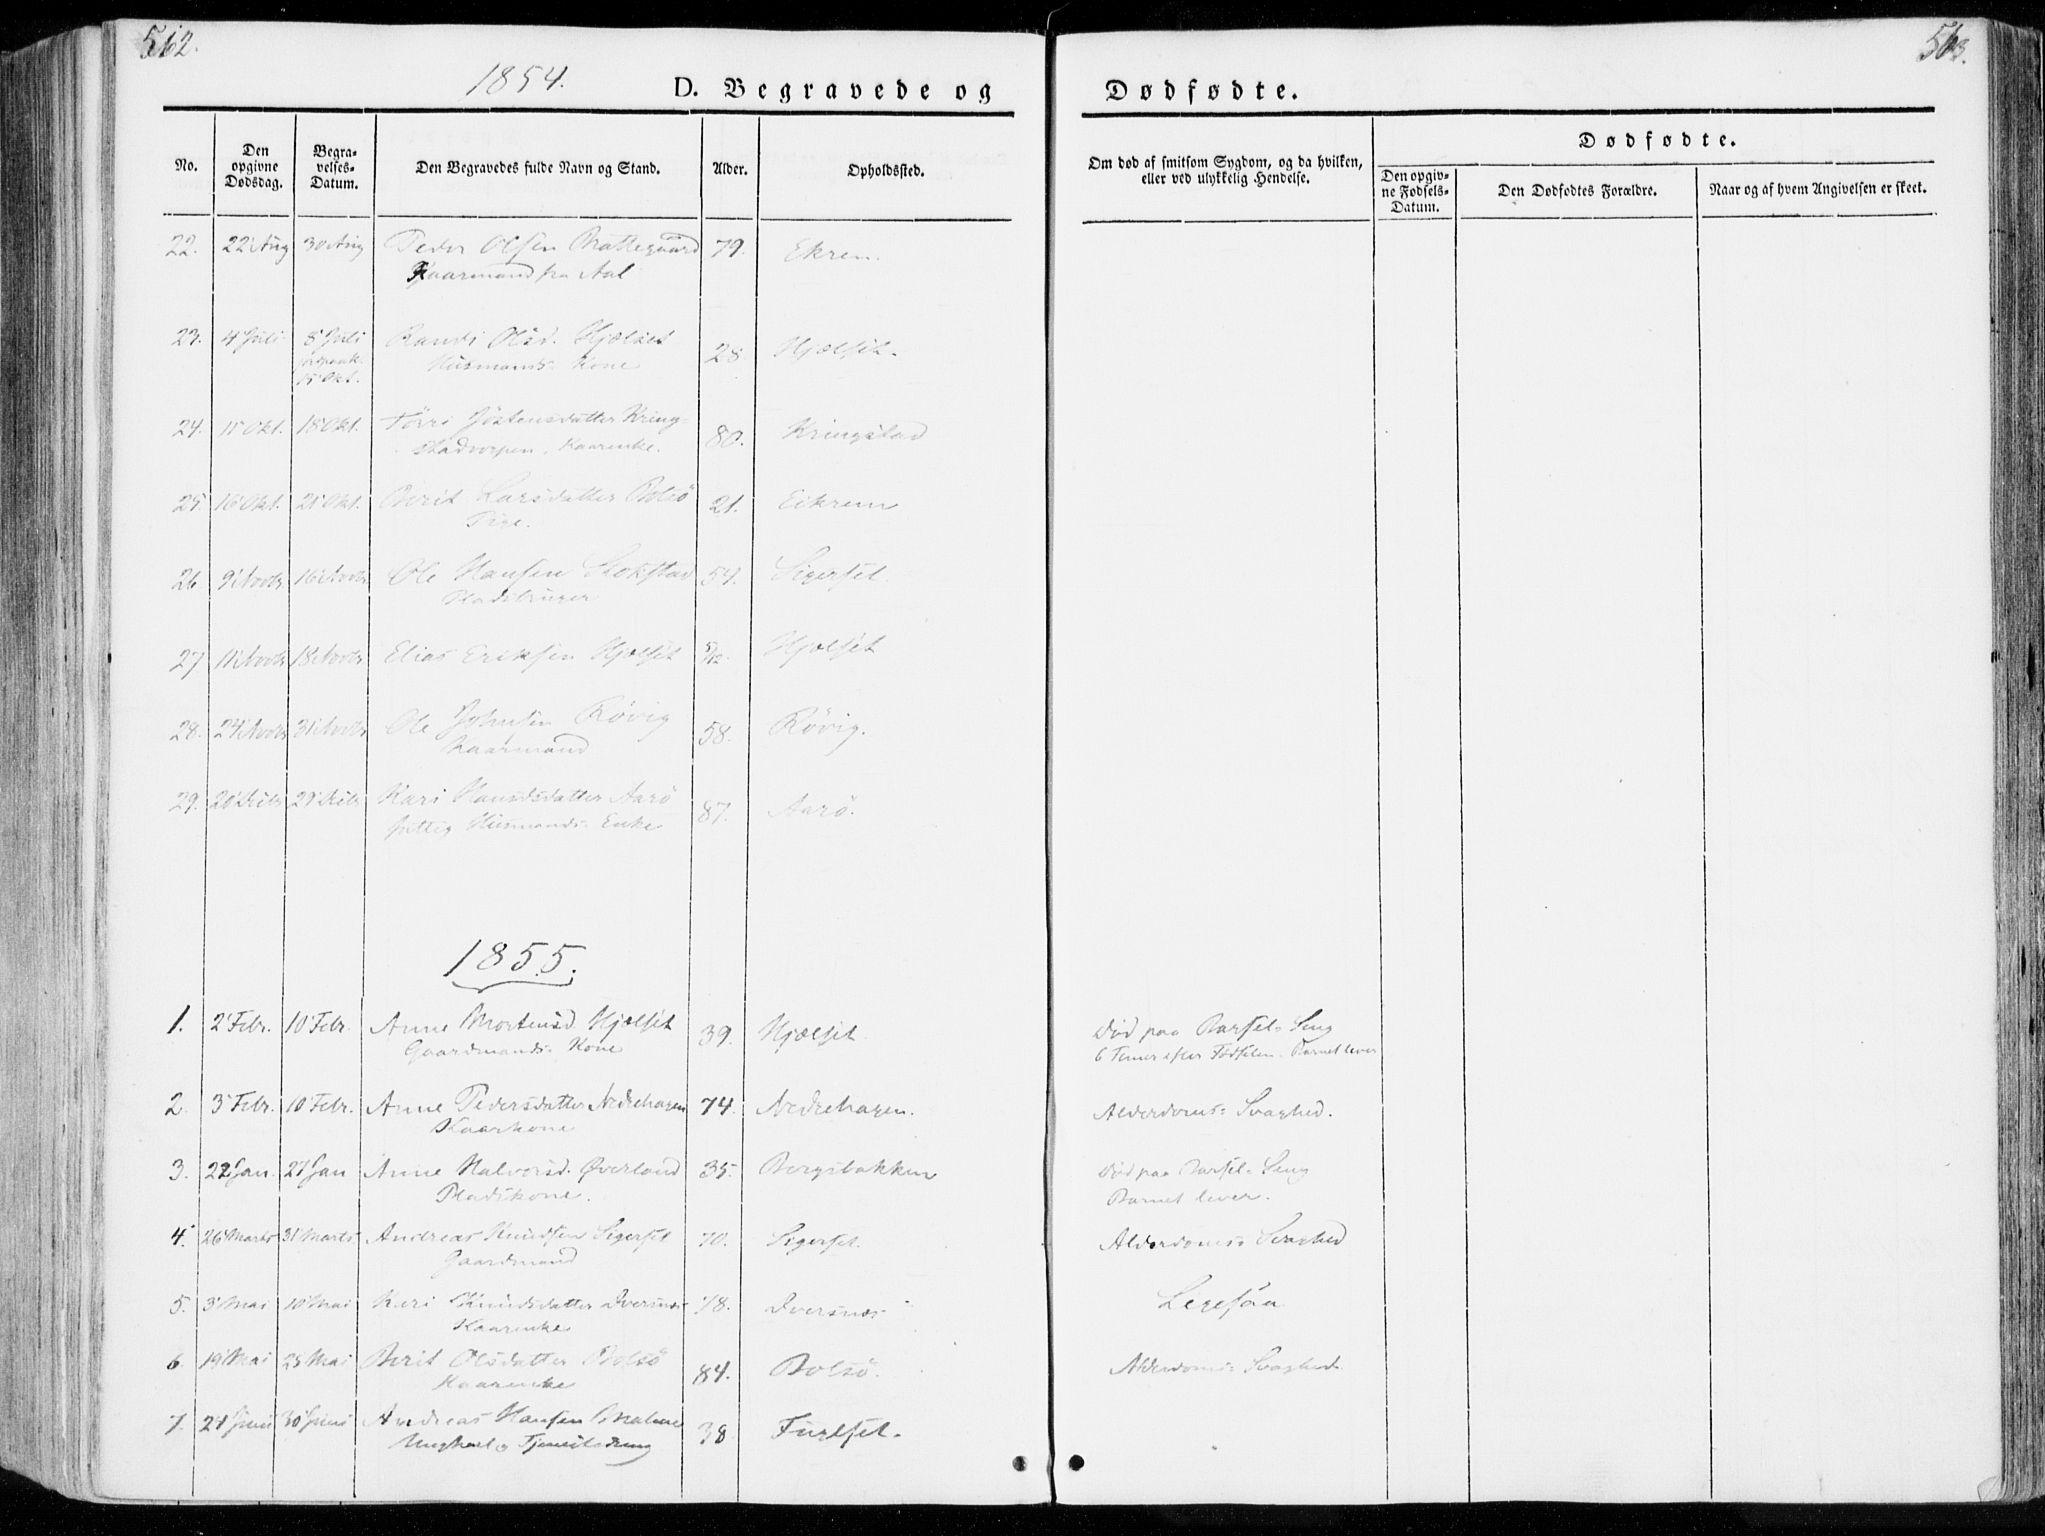 SAT, Ministerialprotokoller, klokkerbøker og fødselsregistre - Møre og Romsdal, 555/L0653: Ministerialbok nr. 555A04, 1843-1869, s. 562-563